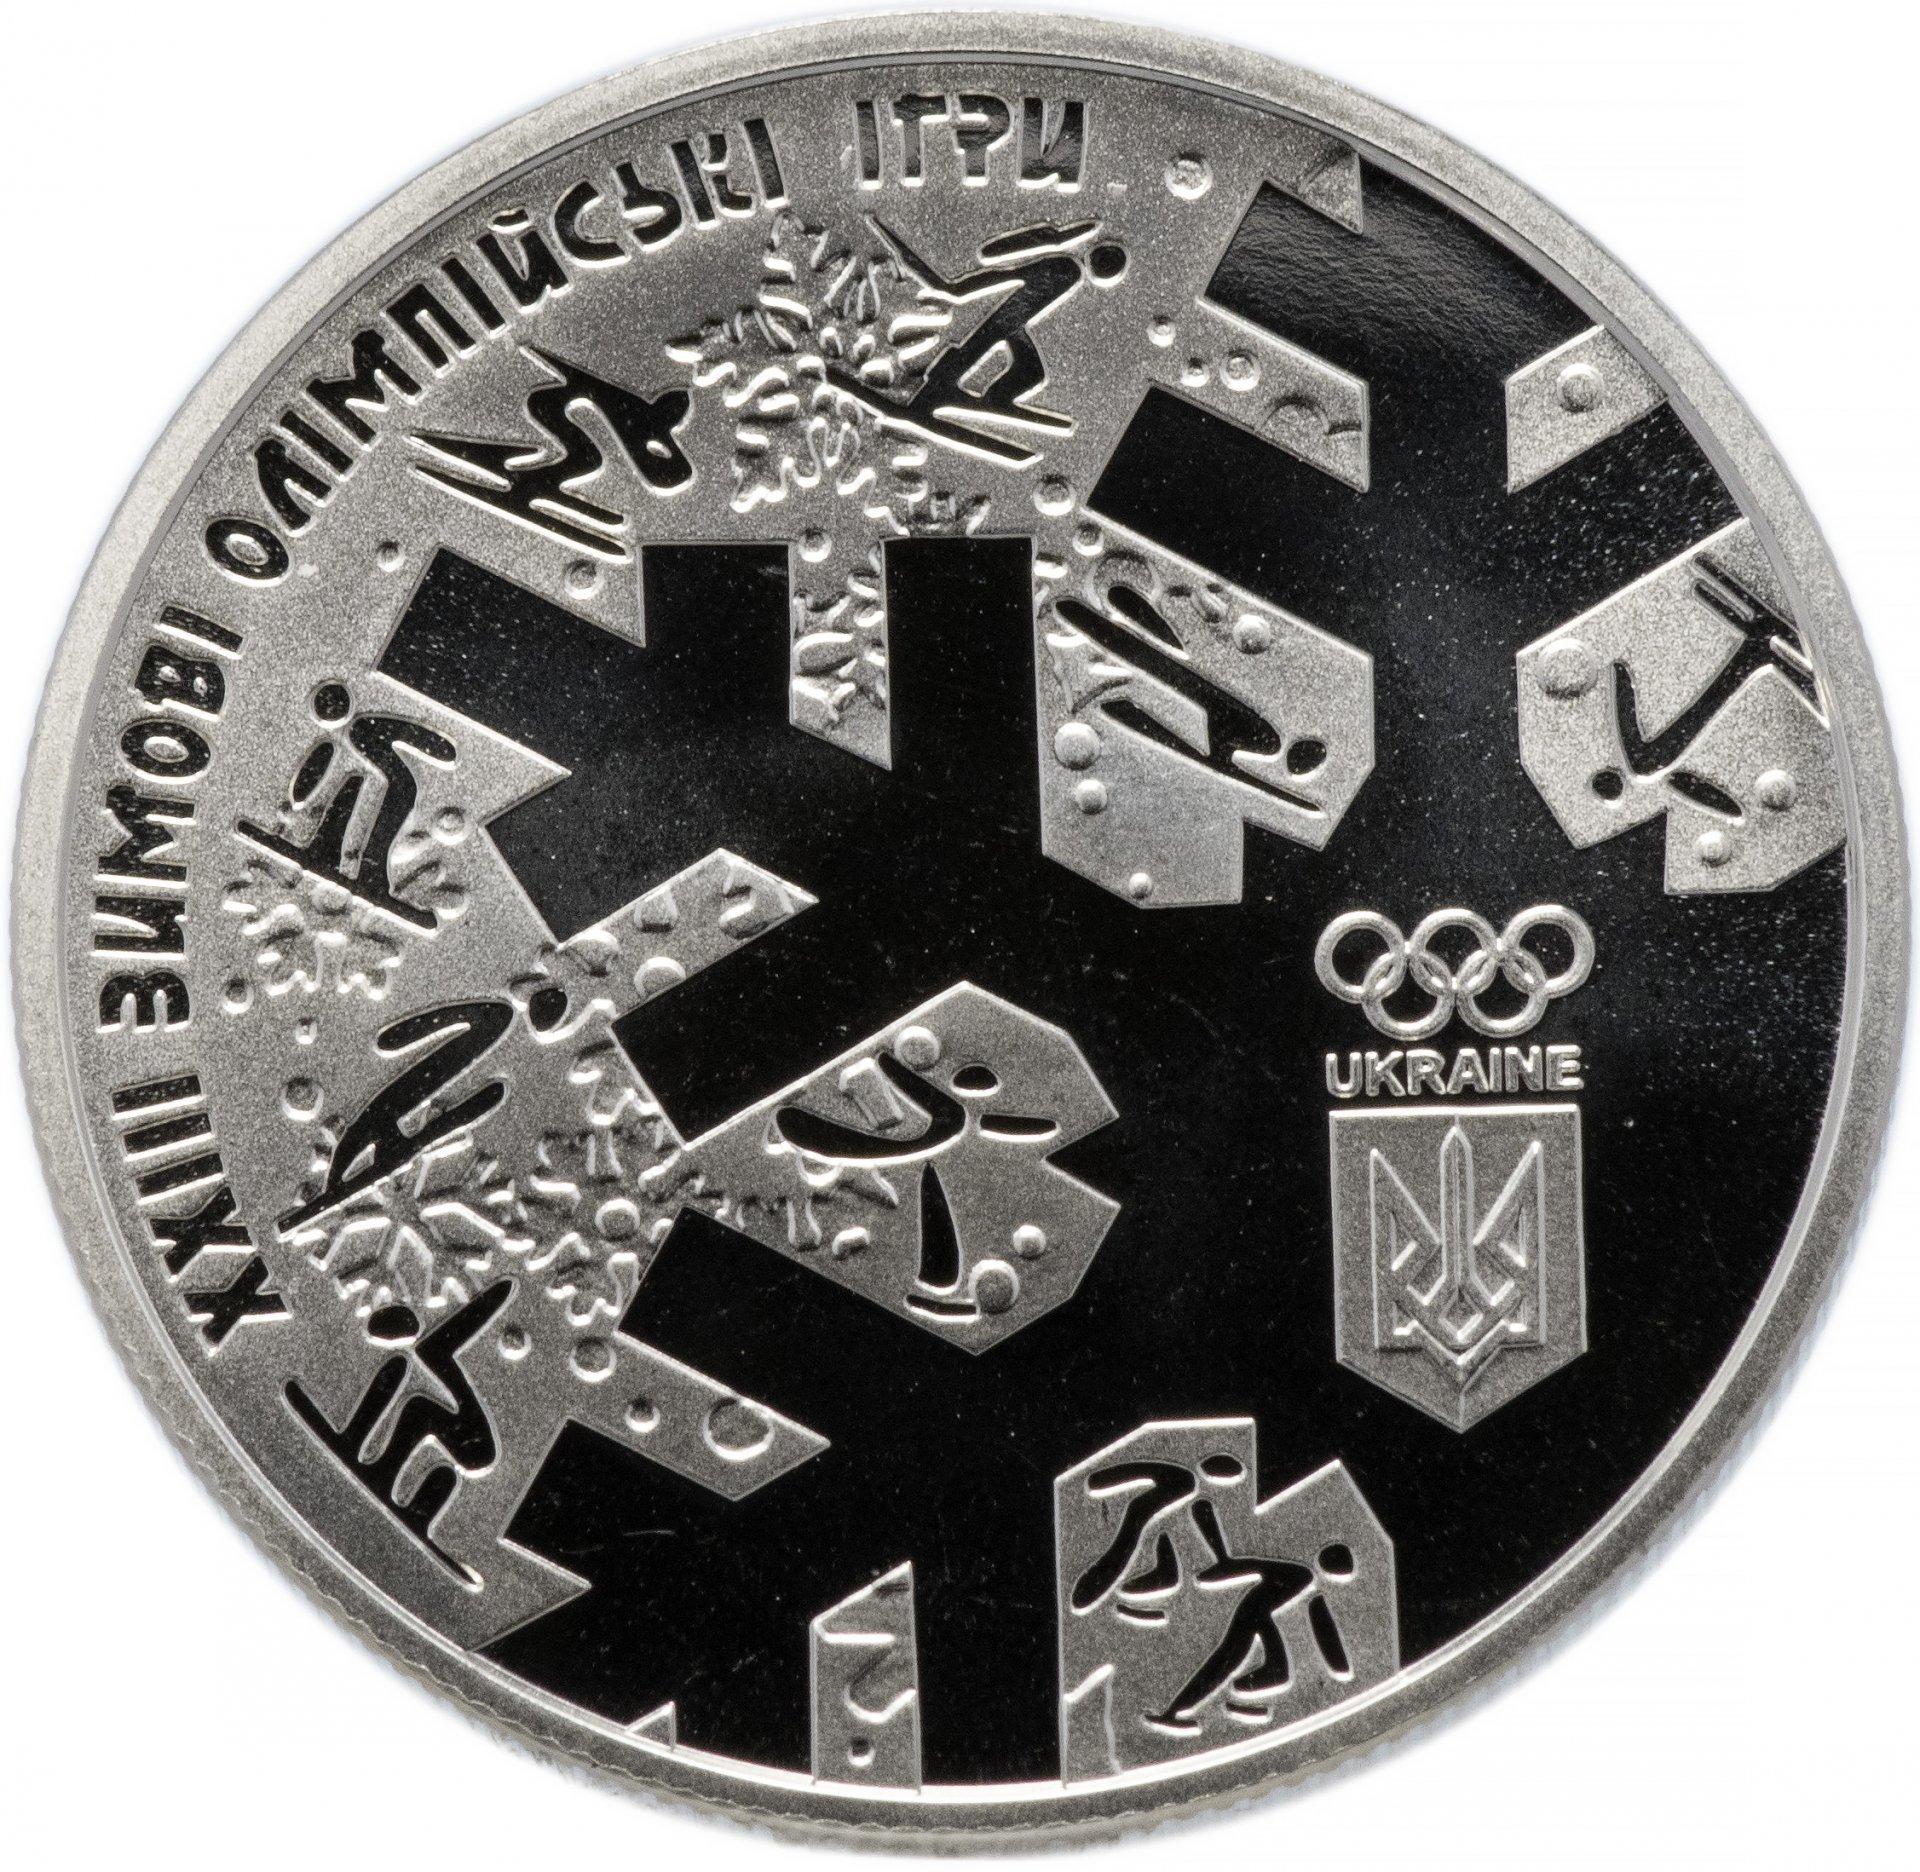 2 гривны 2018 год.  XXIII Зимние Олимпийские игры в Пхёнчане (Южная Корея).